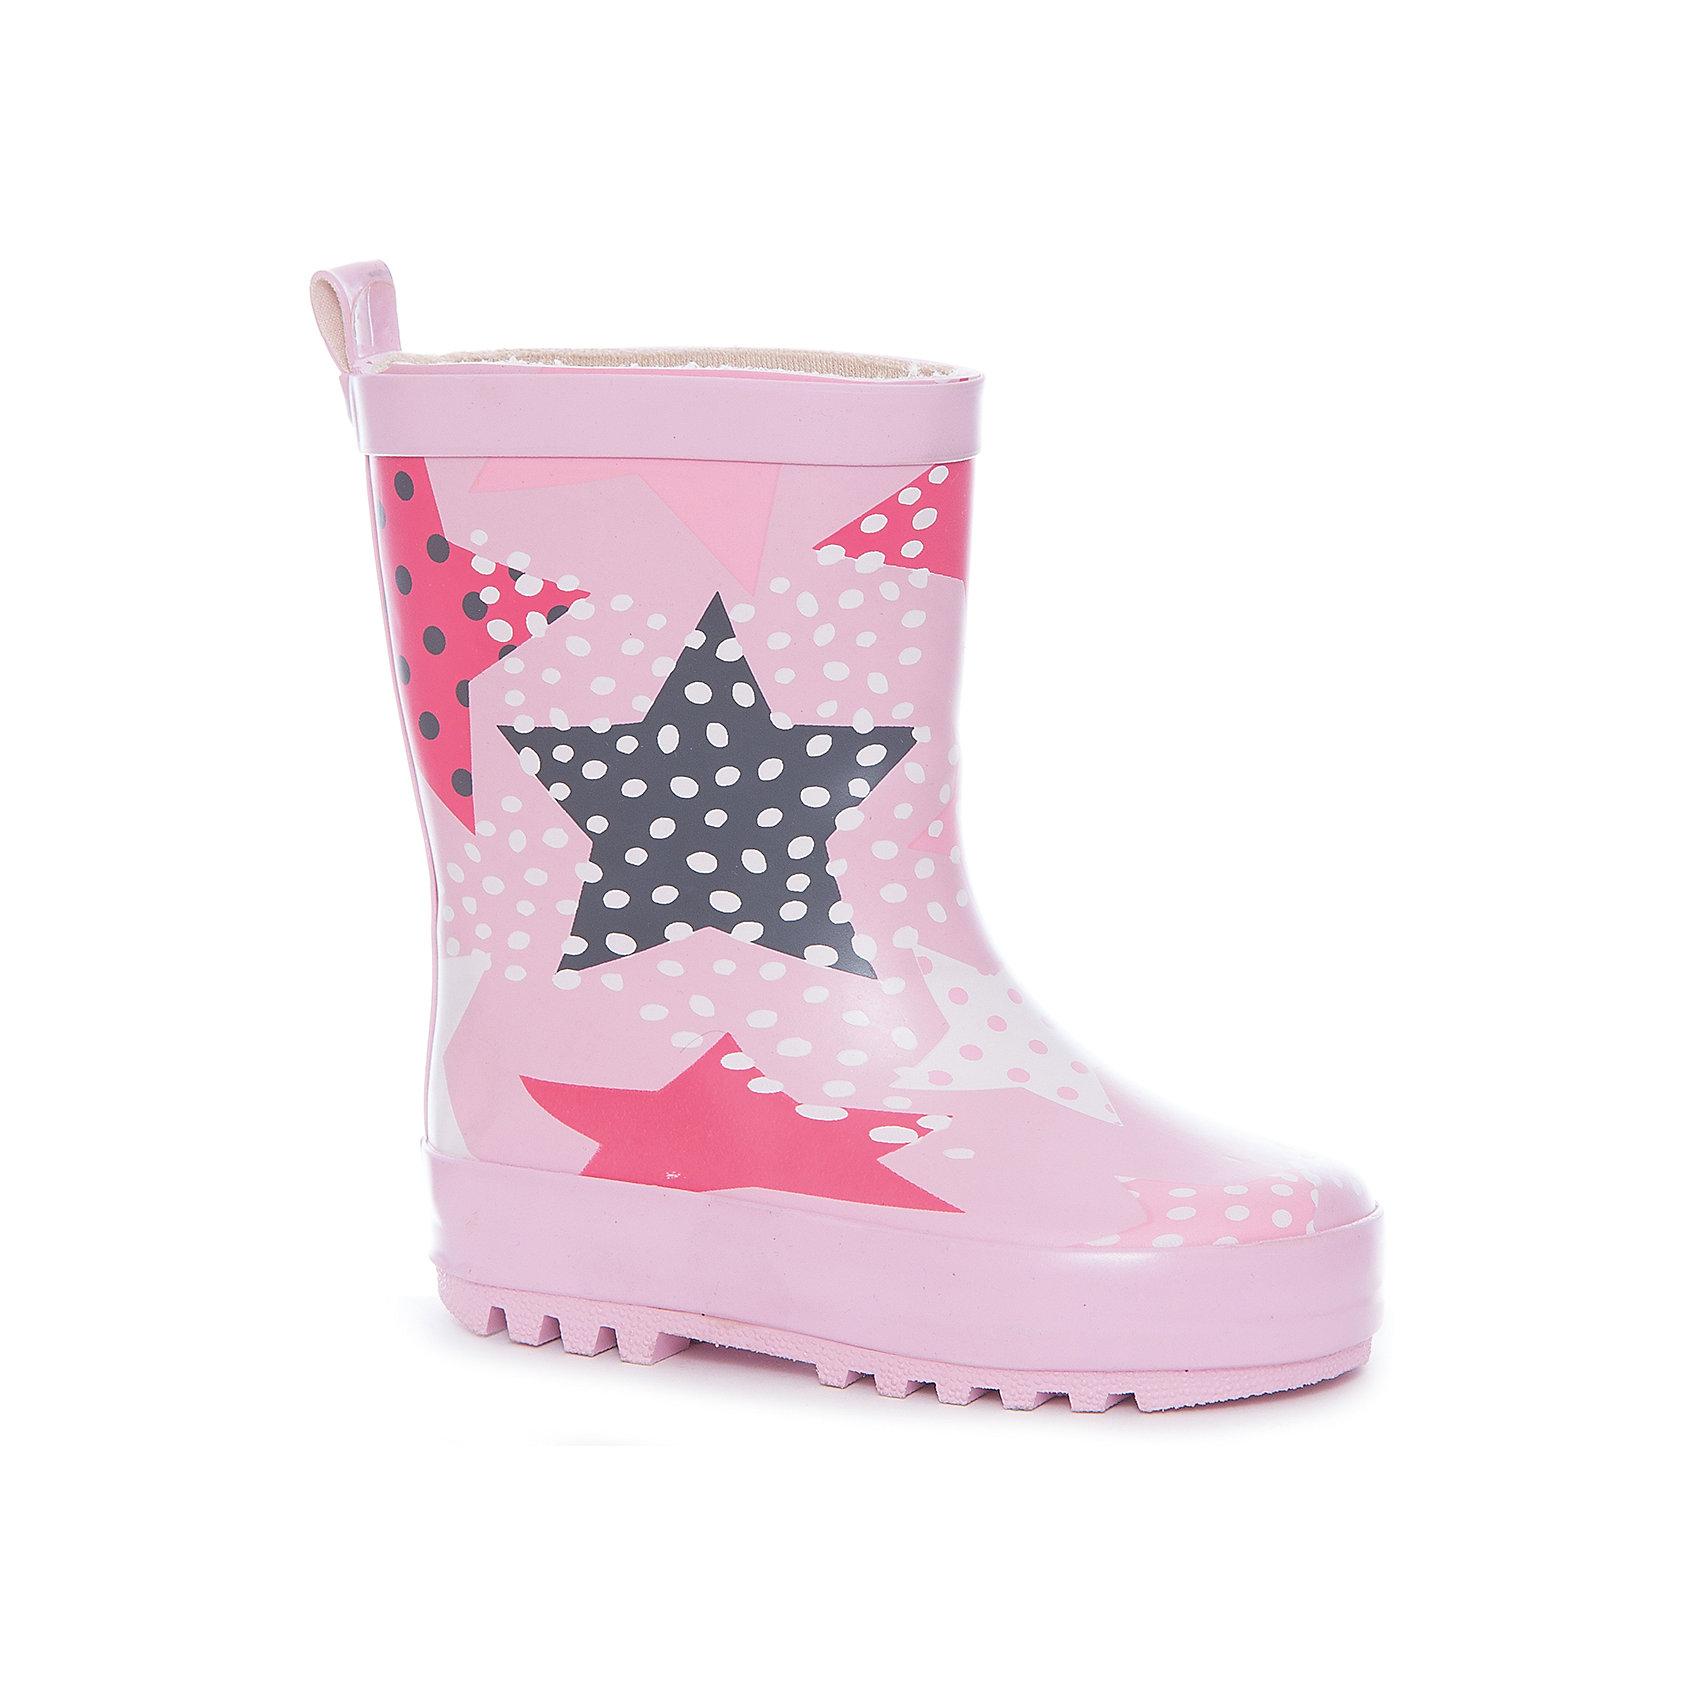 Сапоги для девочки PlayTodayСапоги для девочки PlayToday<br>Резиновые сапоги прекрасно подойдут для прогулок в дождливую погоду. Модель на утолщенной рифленой подошве с небольшим устойчивым каблуком. Мягкая подкладка  обеспечит комфорт ногамПреимущества: Модель на небольшом каблукеВысокая рифленая подошваМодель на мягкой подкладке<br>Состав:<br>Верх:100%резина;Подкладка:100%хлопок;Подошва:100%резина<br><br>Ширина мм: 183<br>Глубина мм: 60<br>Высота мм: 135<br>Вес г: 119<br>Цвет: разноцветный<br>Возраст от месяцев: 24<br>Возраст до месяцев: 36<br>Пол: Женский<br>Возраст: Детский<br>Размер: 26,22,23,24,25<br>SKU: 5408399